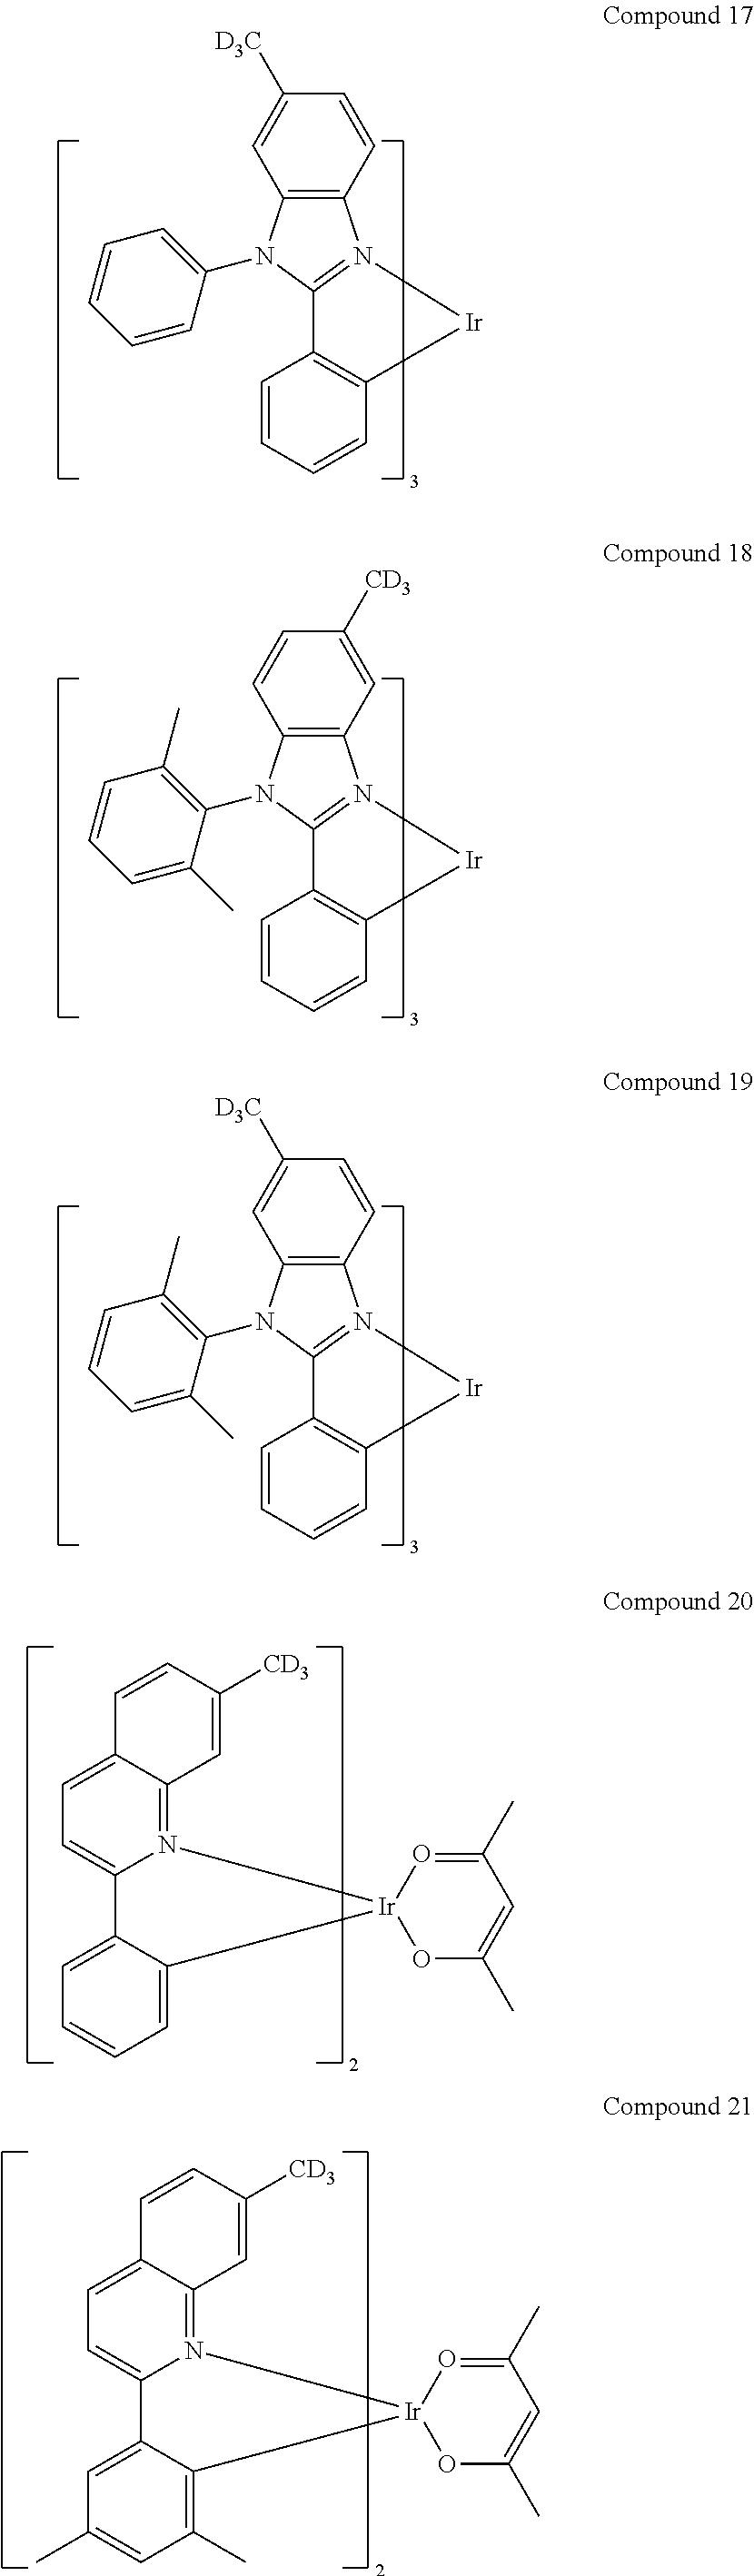 Figure US20100270916A1-20101028-C00164